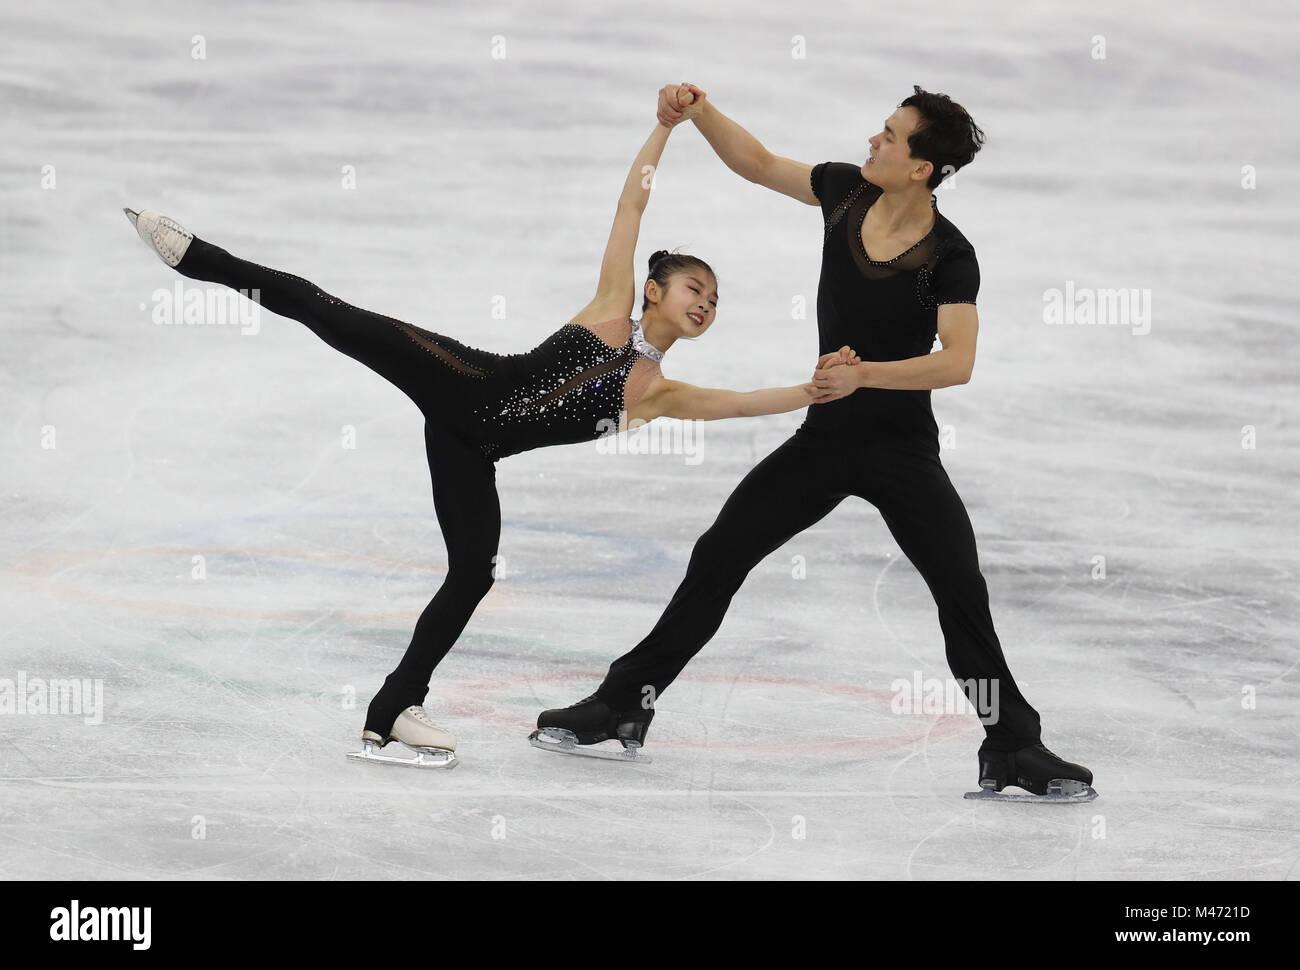 La Corée pas Ju Sik Kim Tae Ok Ryom et pendant les paires de patinage libre Figure Skating Final lors de la Photo Stock